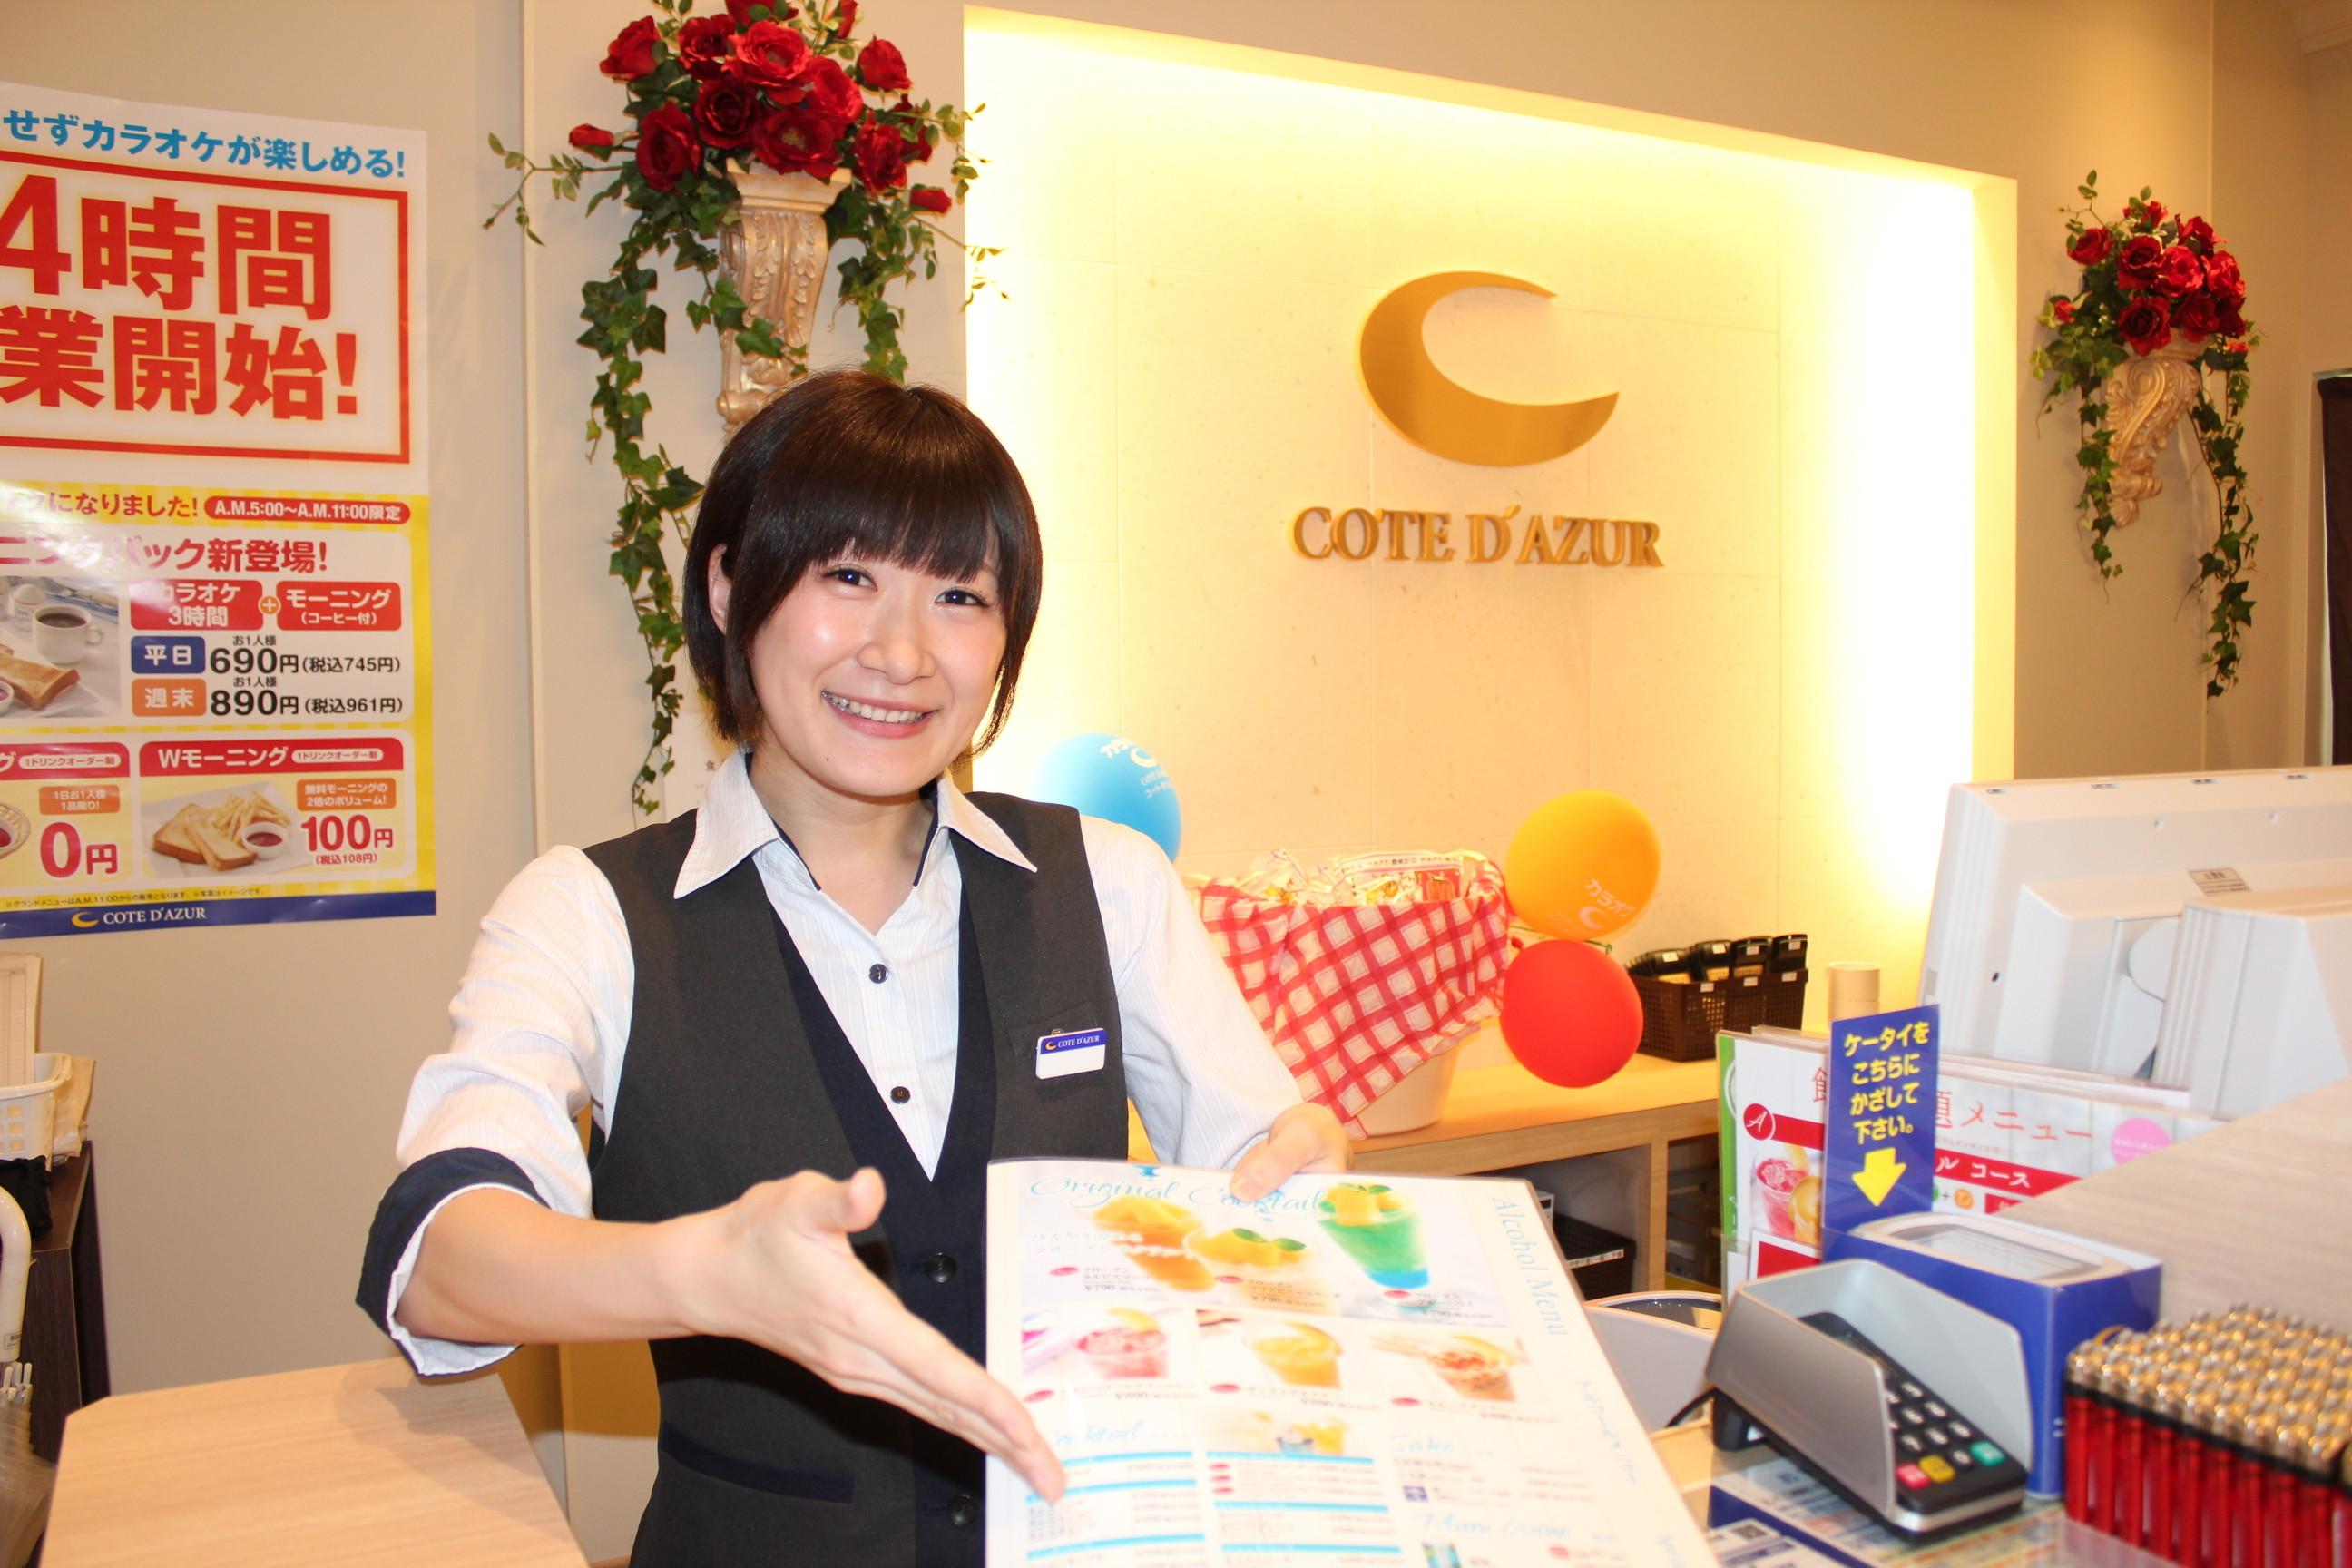 コート・ダジュール aune幕張店 のアルバイト情報